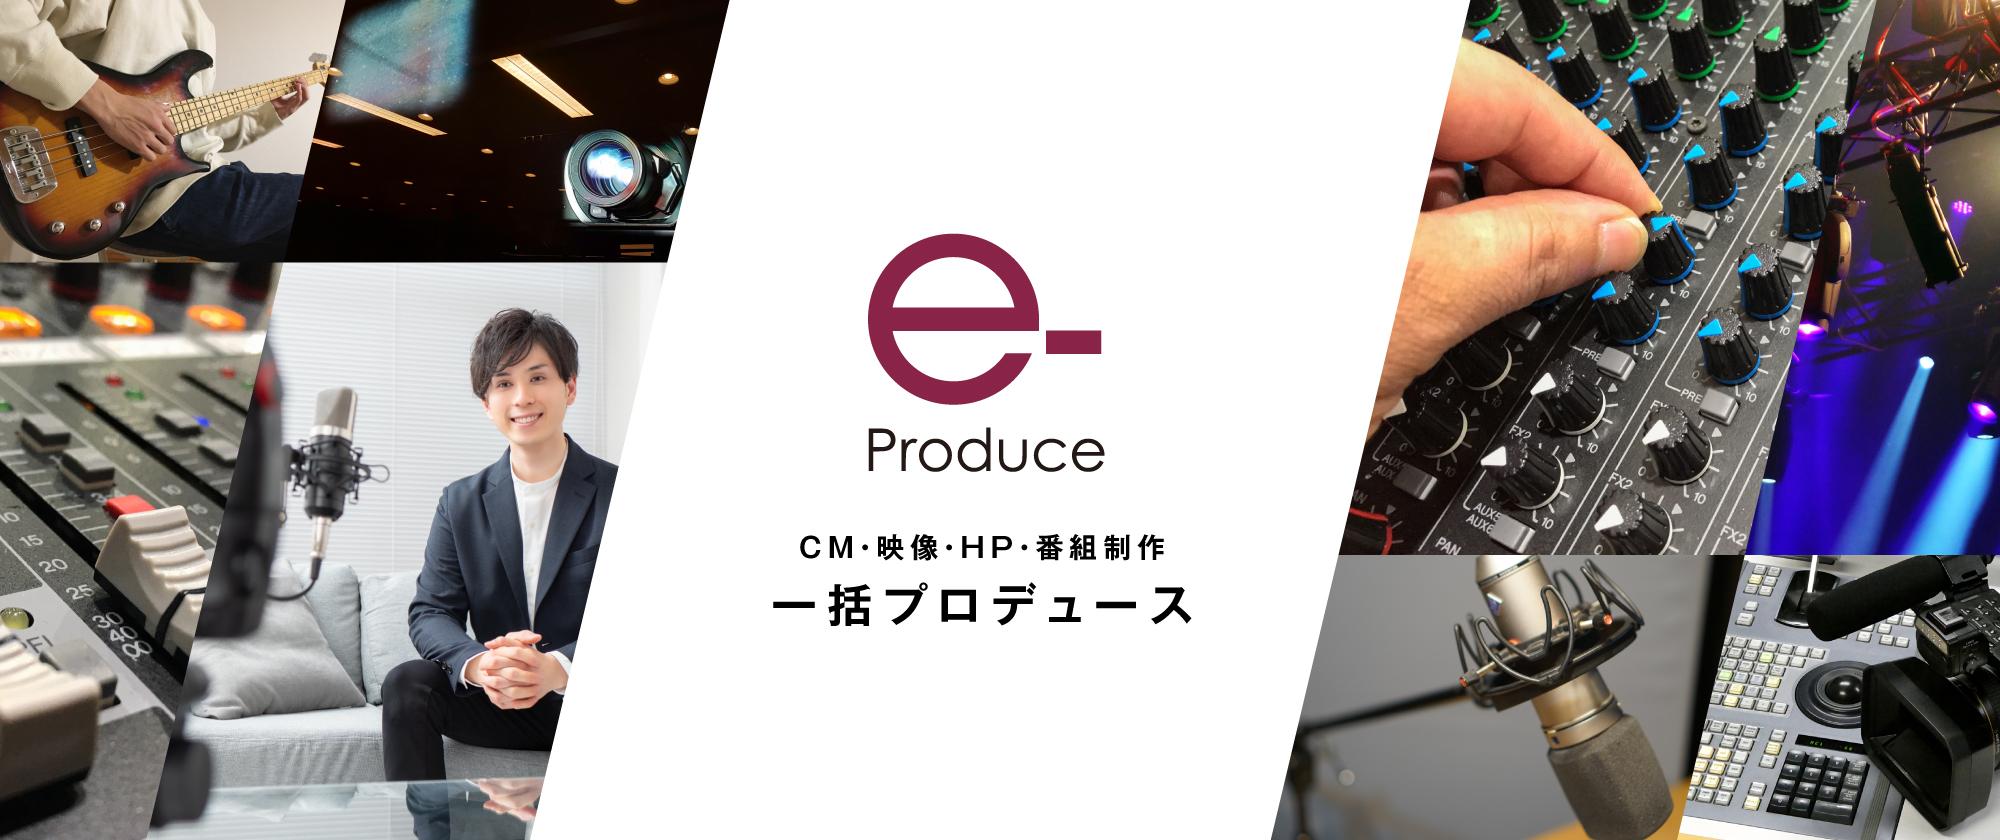 株式会社イープロデュース CM・映像・HP・番組制作一括プロデュース